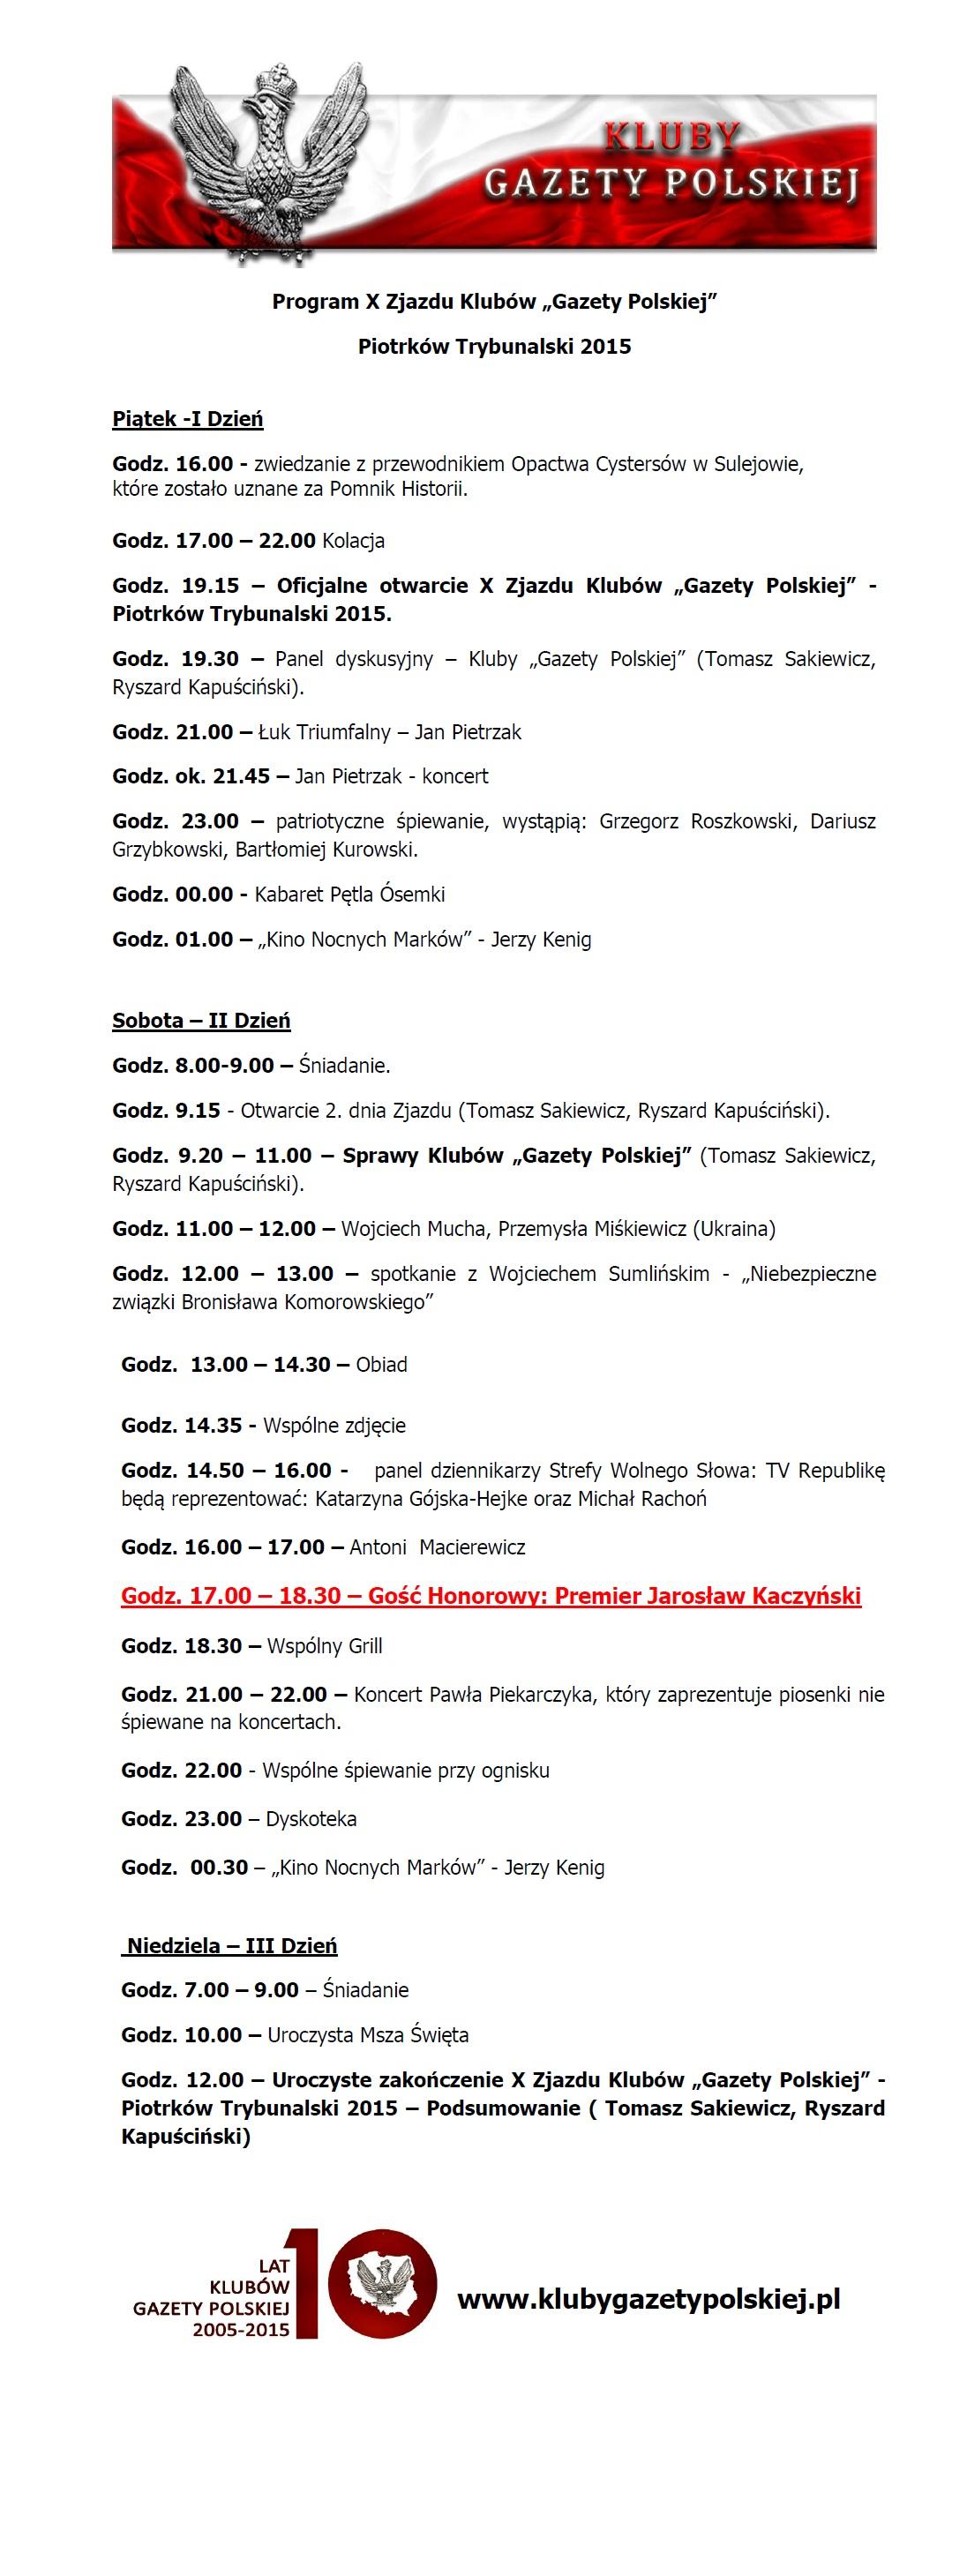 Program X Zjazdu Klubów Gazety Polskiej